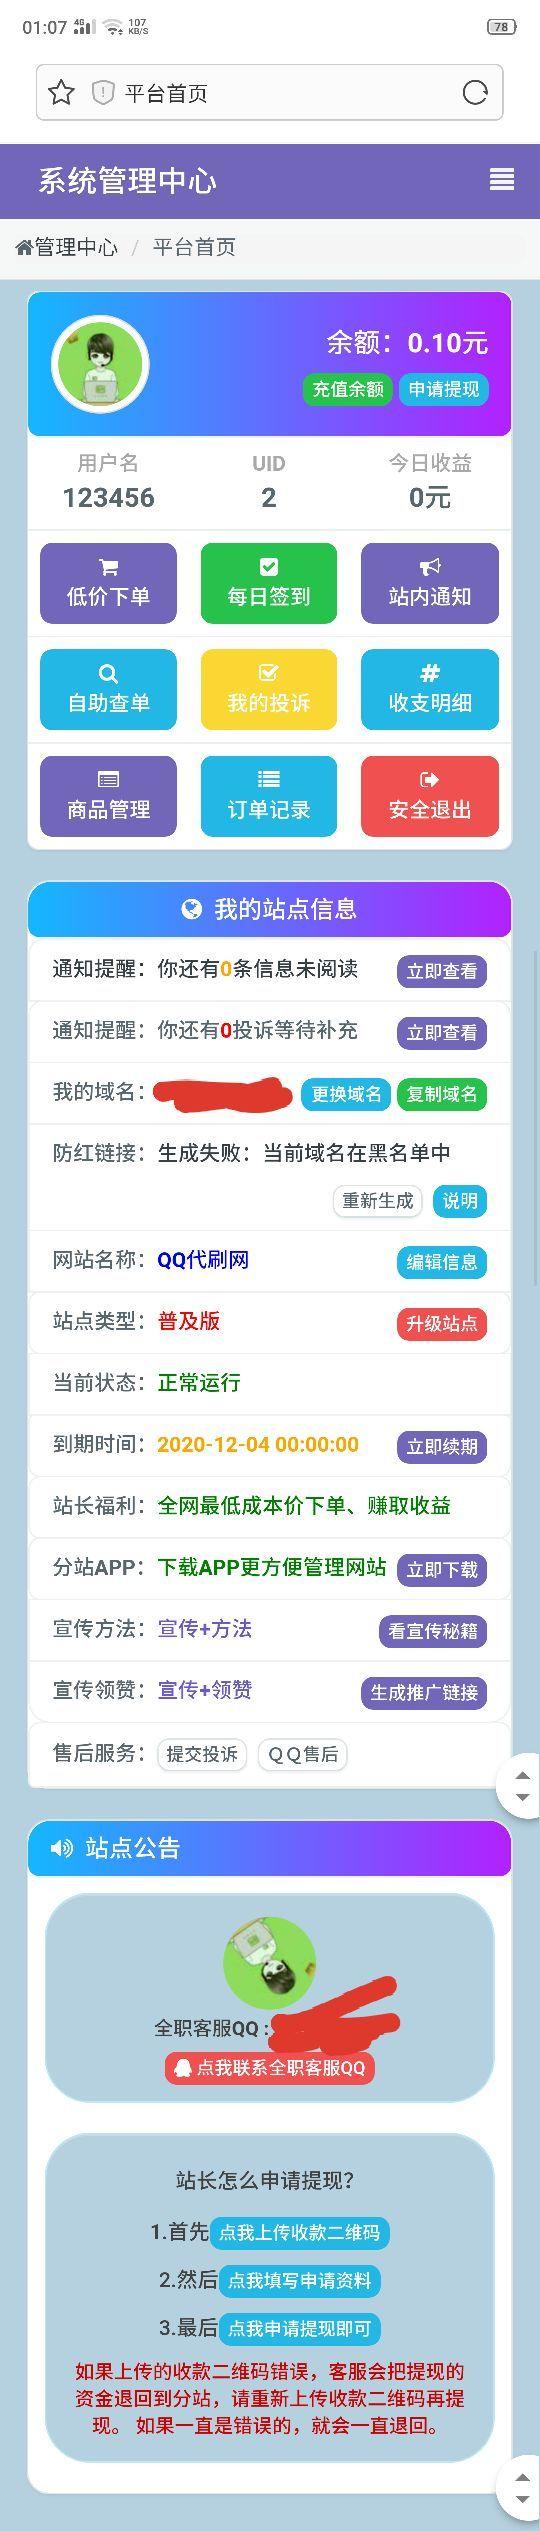 彩虹代刷6.00系统分站美化模板